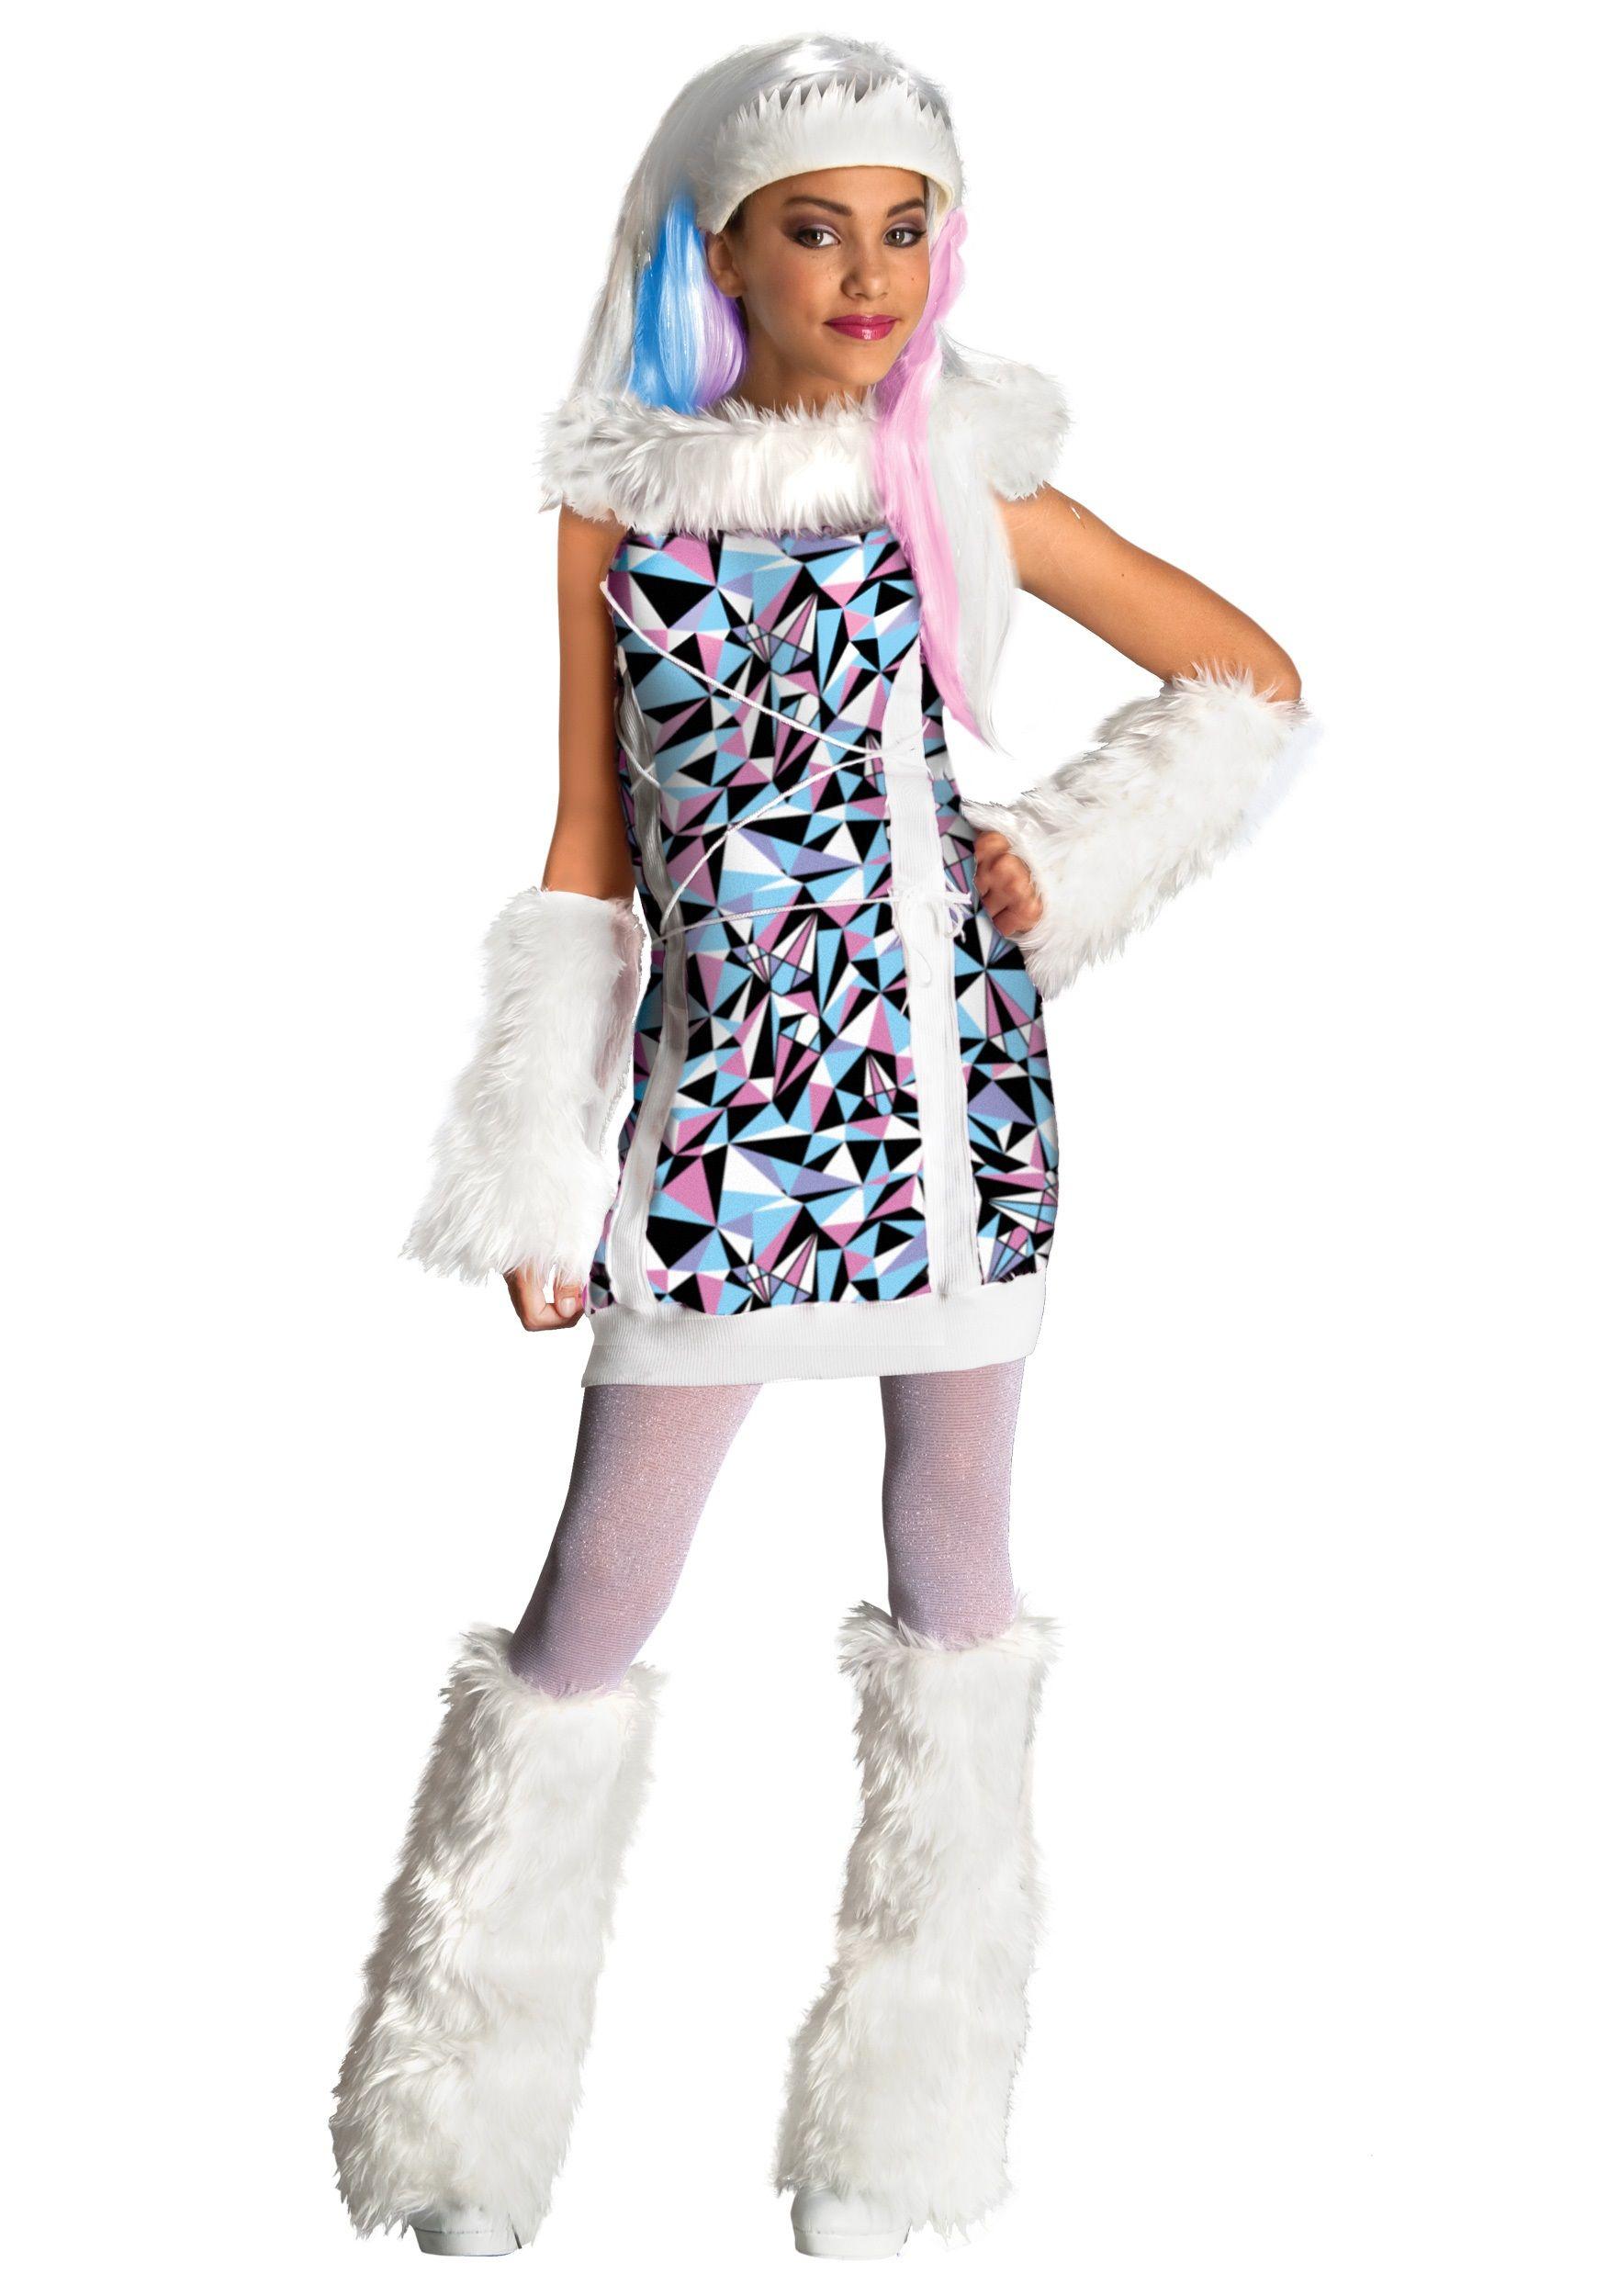 monster high costumes for girls | monster high abbey bominable girls